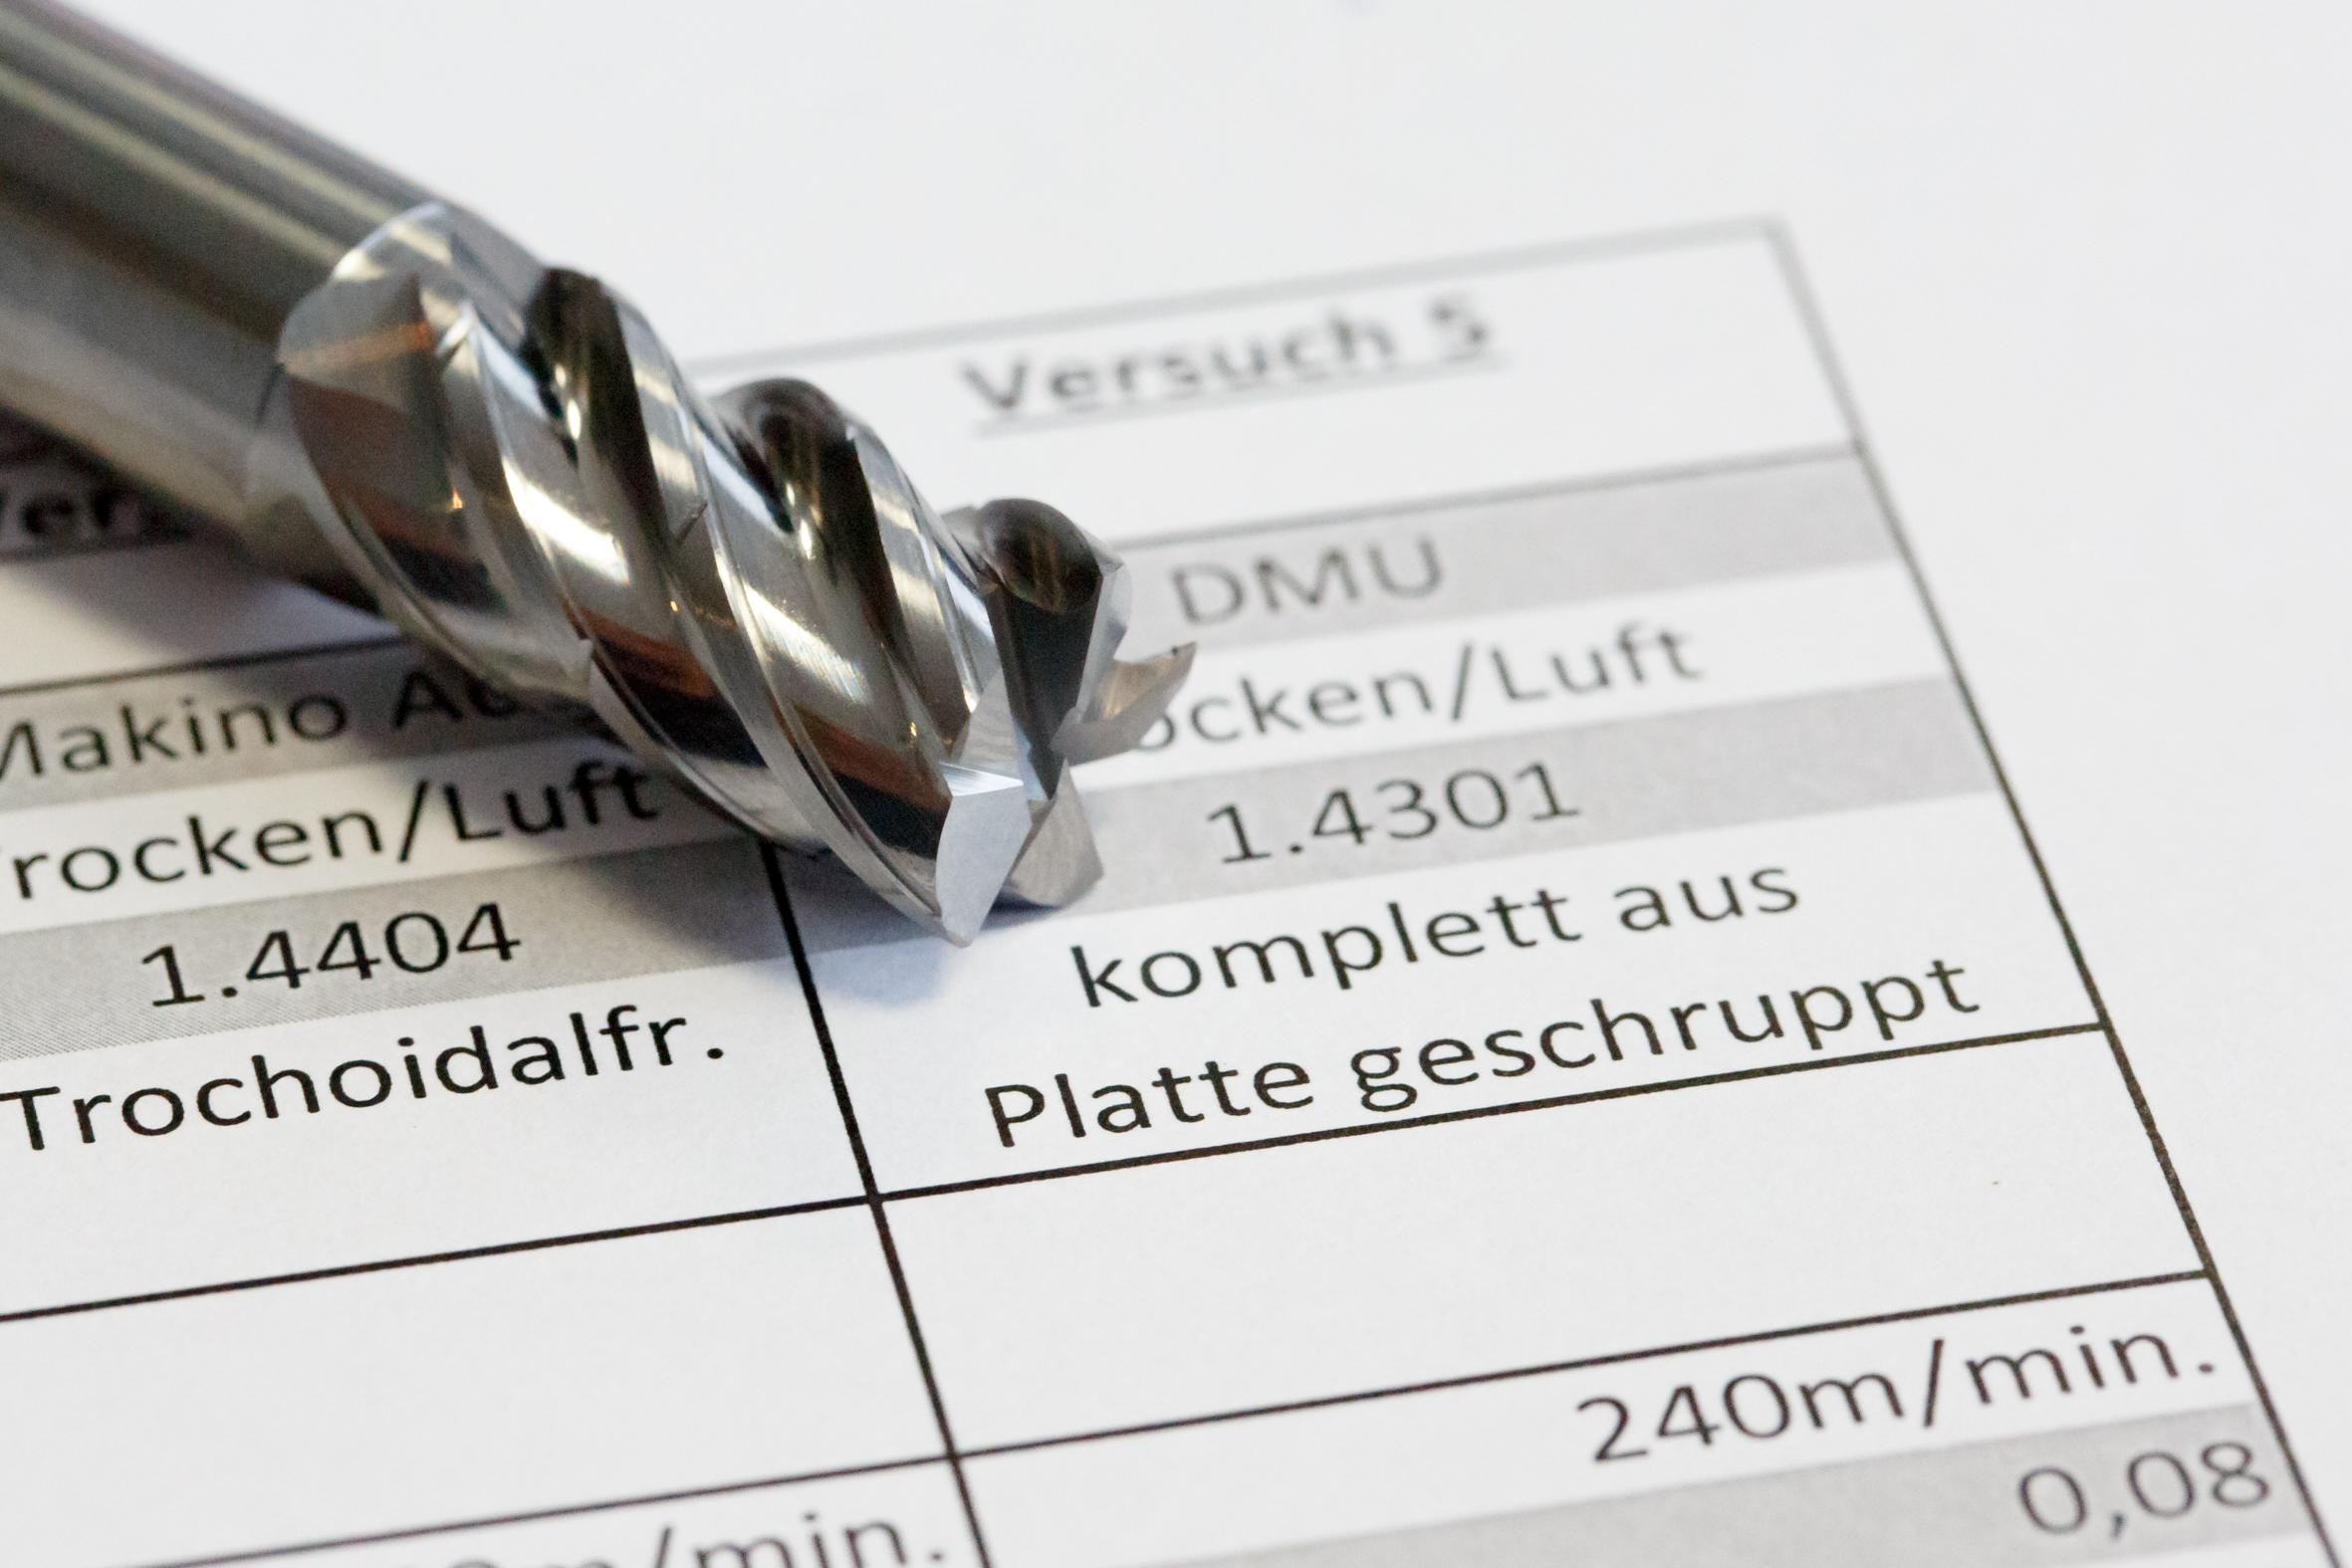 Überzeugte den Kunden schon beim ersten Test: Wunschmann-Trochoidalfräser. Foto: Kraas & Lachmann